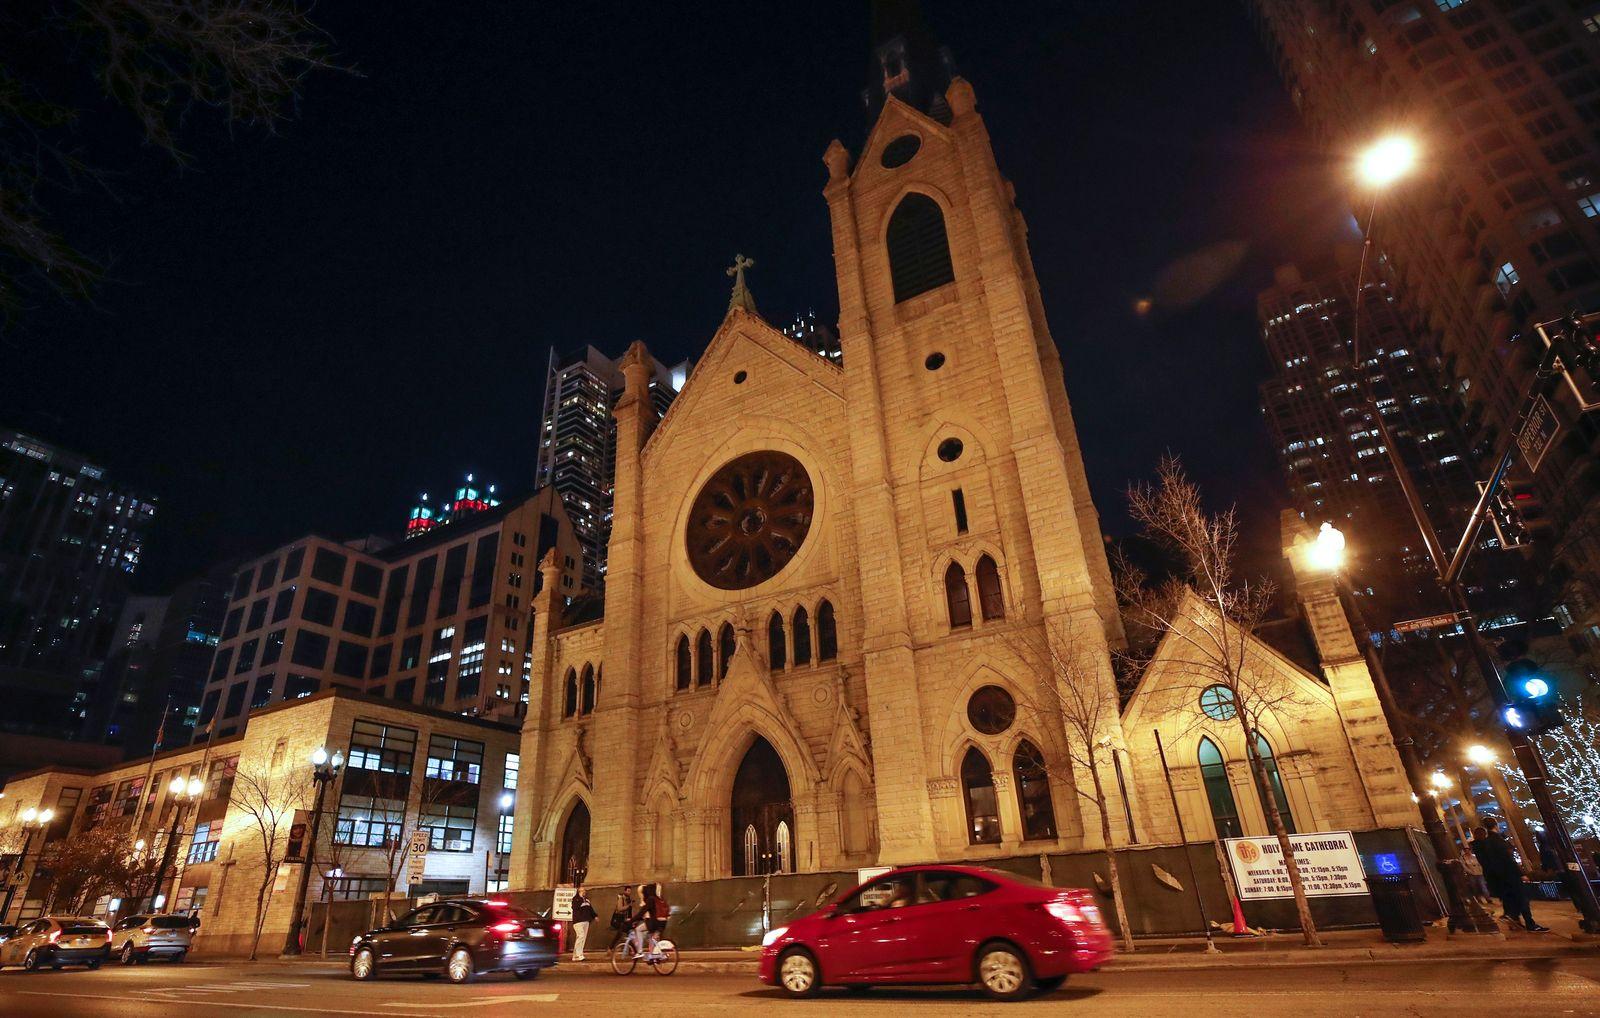 US-CRIME-CHURCH-ASSAULT-CHILDREN